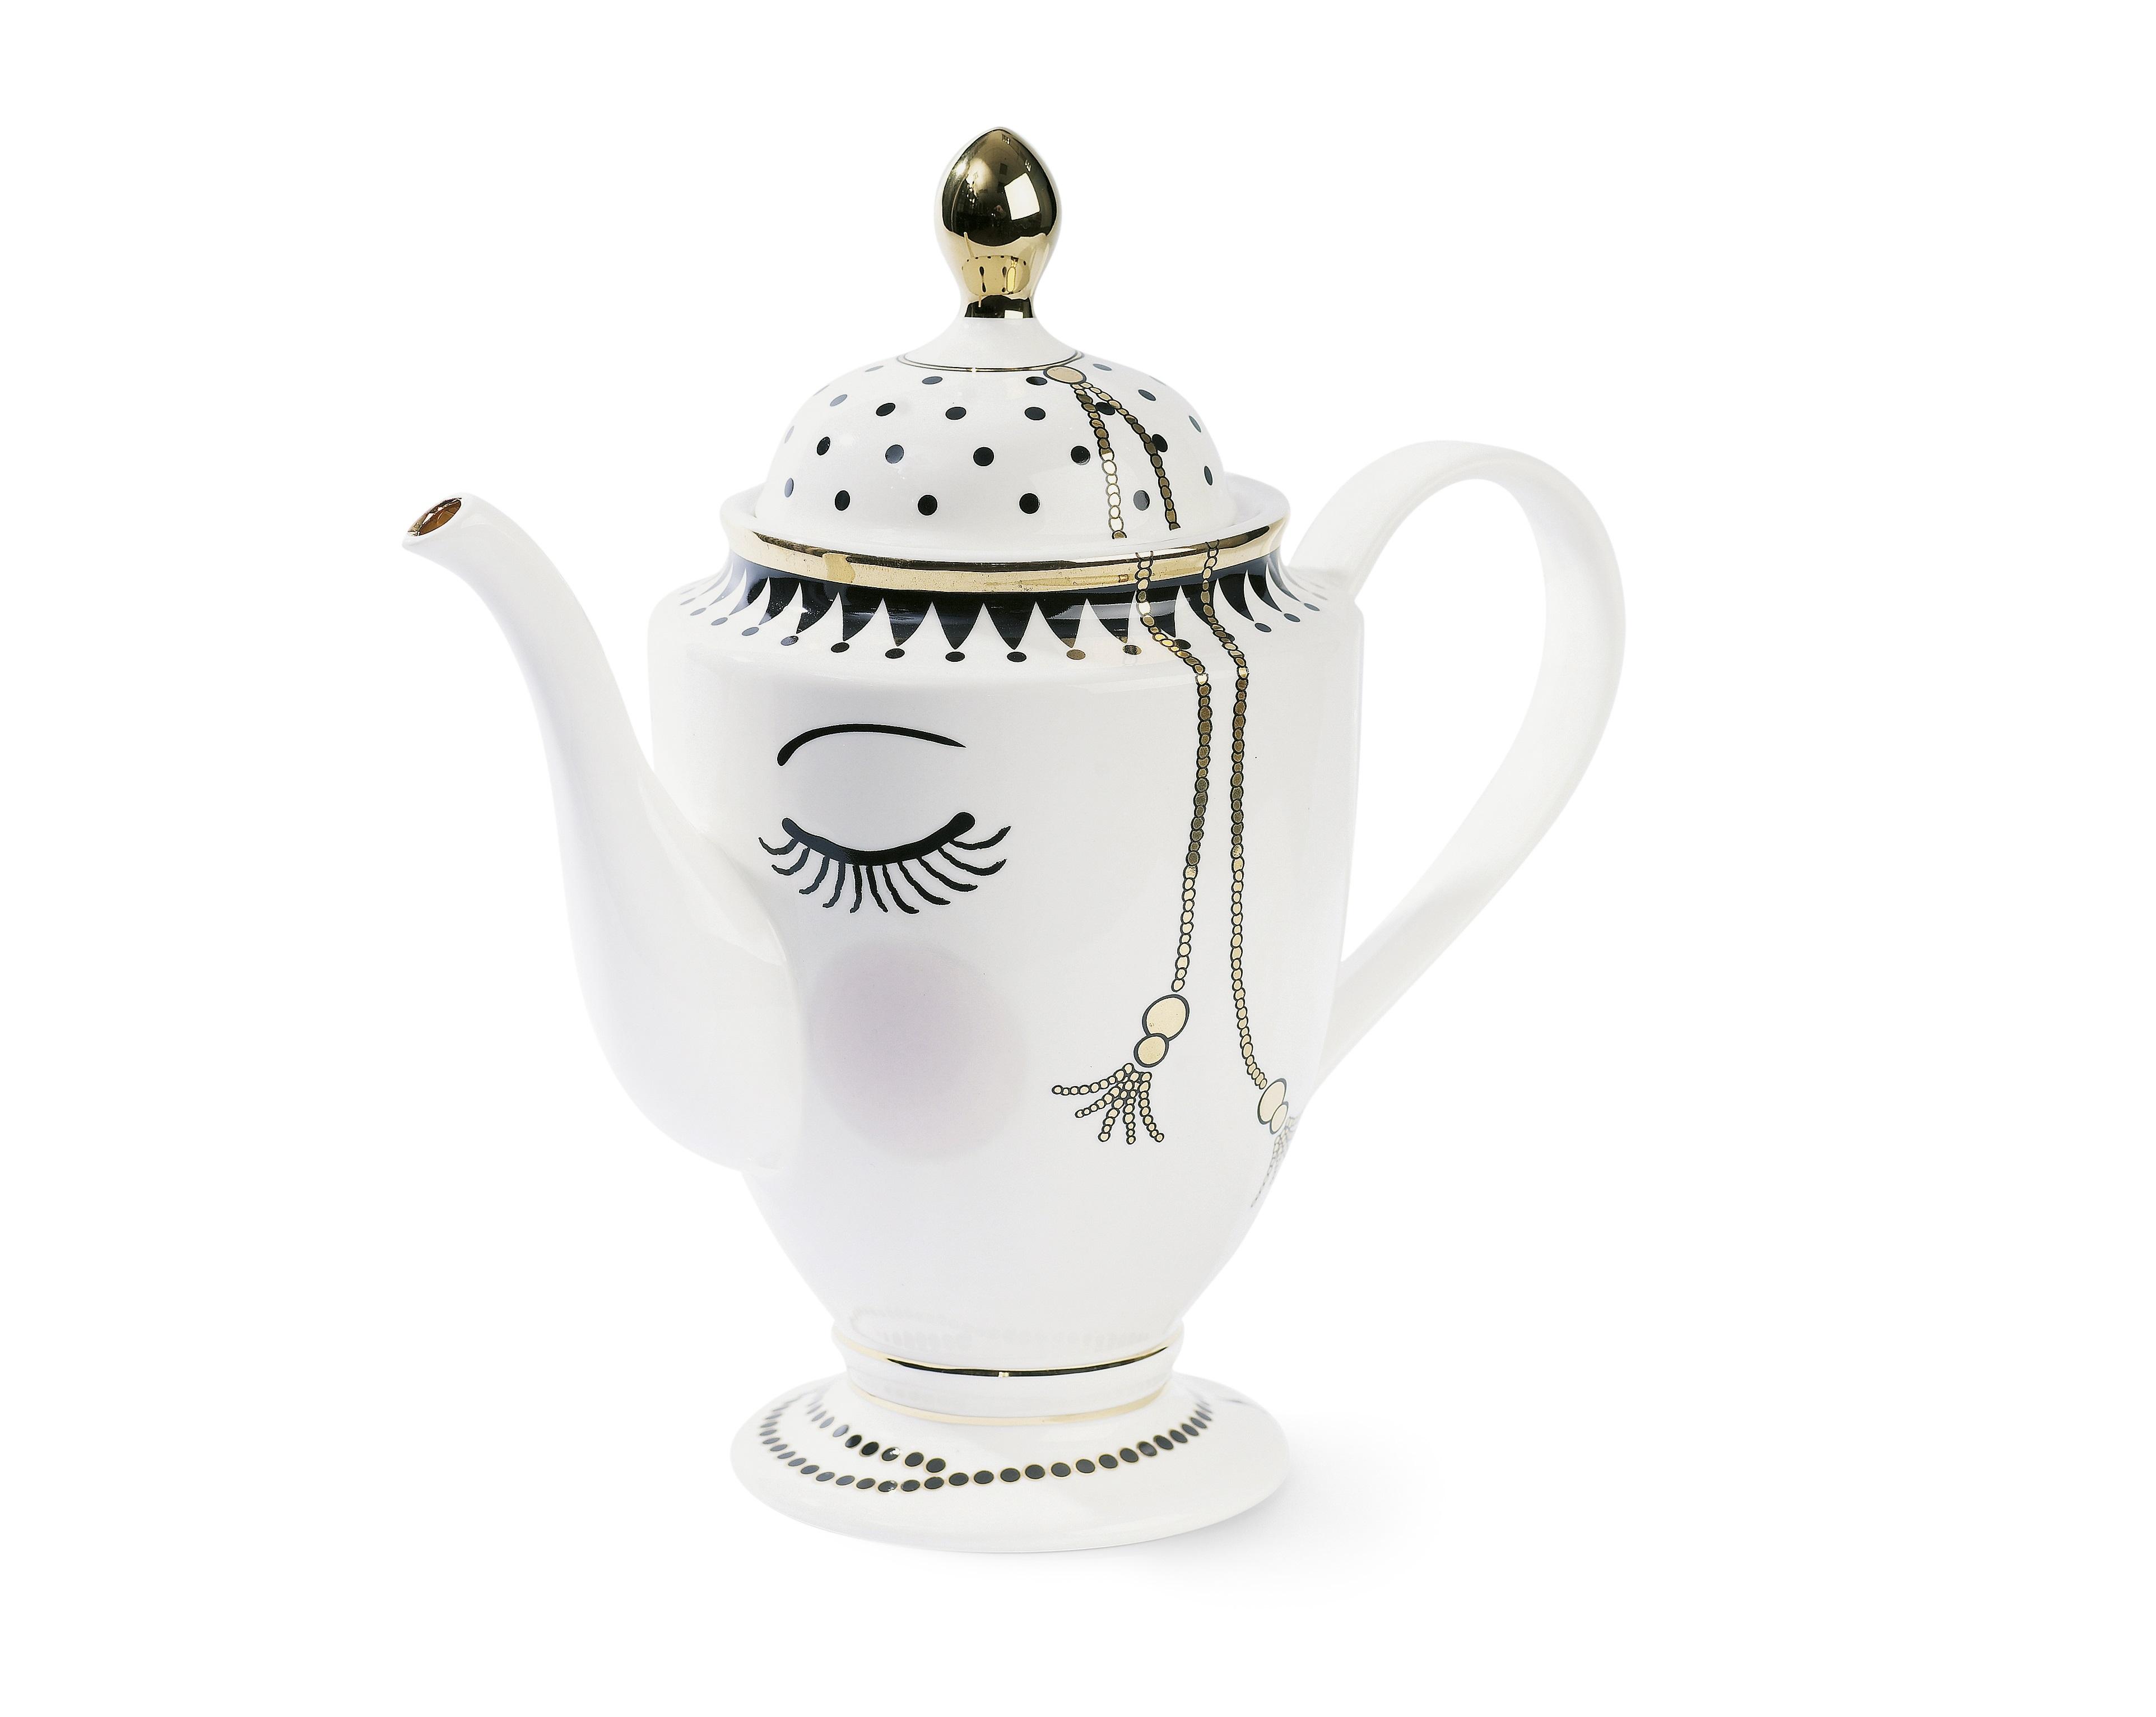 ЧайникЧайники<br>Чайник Miss Etoile наделён изысканным и стильным дизайном, благодаря чему он непременно подчеркнет атмосферу вашего чаепития, будь то посиделки с подружками или теплый вечер в кругу семьи. Вся посуда Miss Etoile прекрасно сочетается между собой, поэтому вы можете дополнить чайник любыми предметами из других коллекций, и все вместе будет смотреться очень гармонично и естественно.&amp;lt;div&amp;gt;&amp;lt;br&amp;gt;&amp;lt;/div&amp;gt;&amp;lt;div&amp;gt;Объем 1 л.&amp;amp;nbsp;&amp;lt;/div&amp;gt;&amp;lt;div&amp;gt;ВНИМАНИЕ: Просьба вскрывать и проверять товар при курьере и не подписывать документы о приеме, пока Вы не убедитесь, что ничего не повредили при доставке.&amp;lt;/div&amp;gt;<br><br>Material: Керамика<br>Ширина см: 15<br>Высота см: 27<br>Глубина см: 15